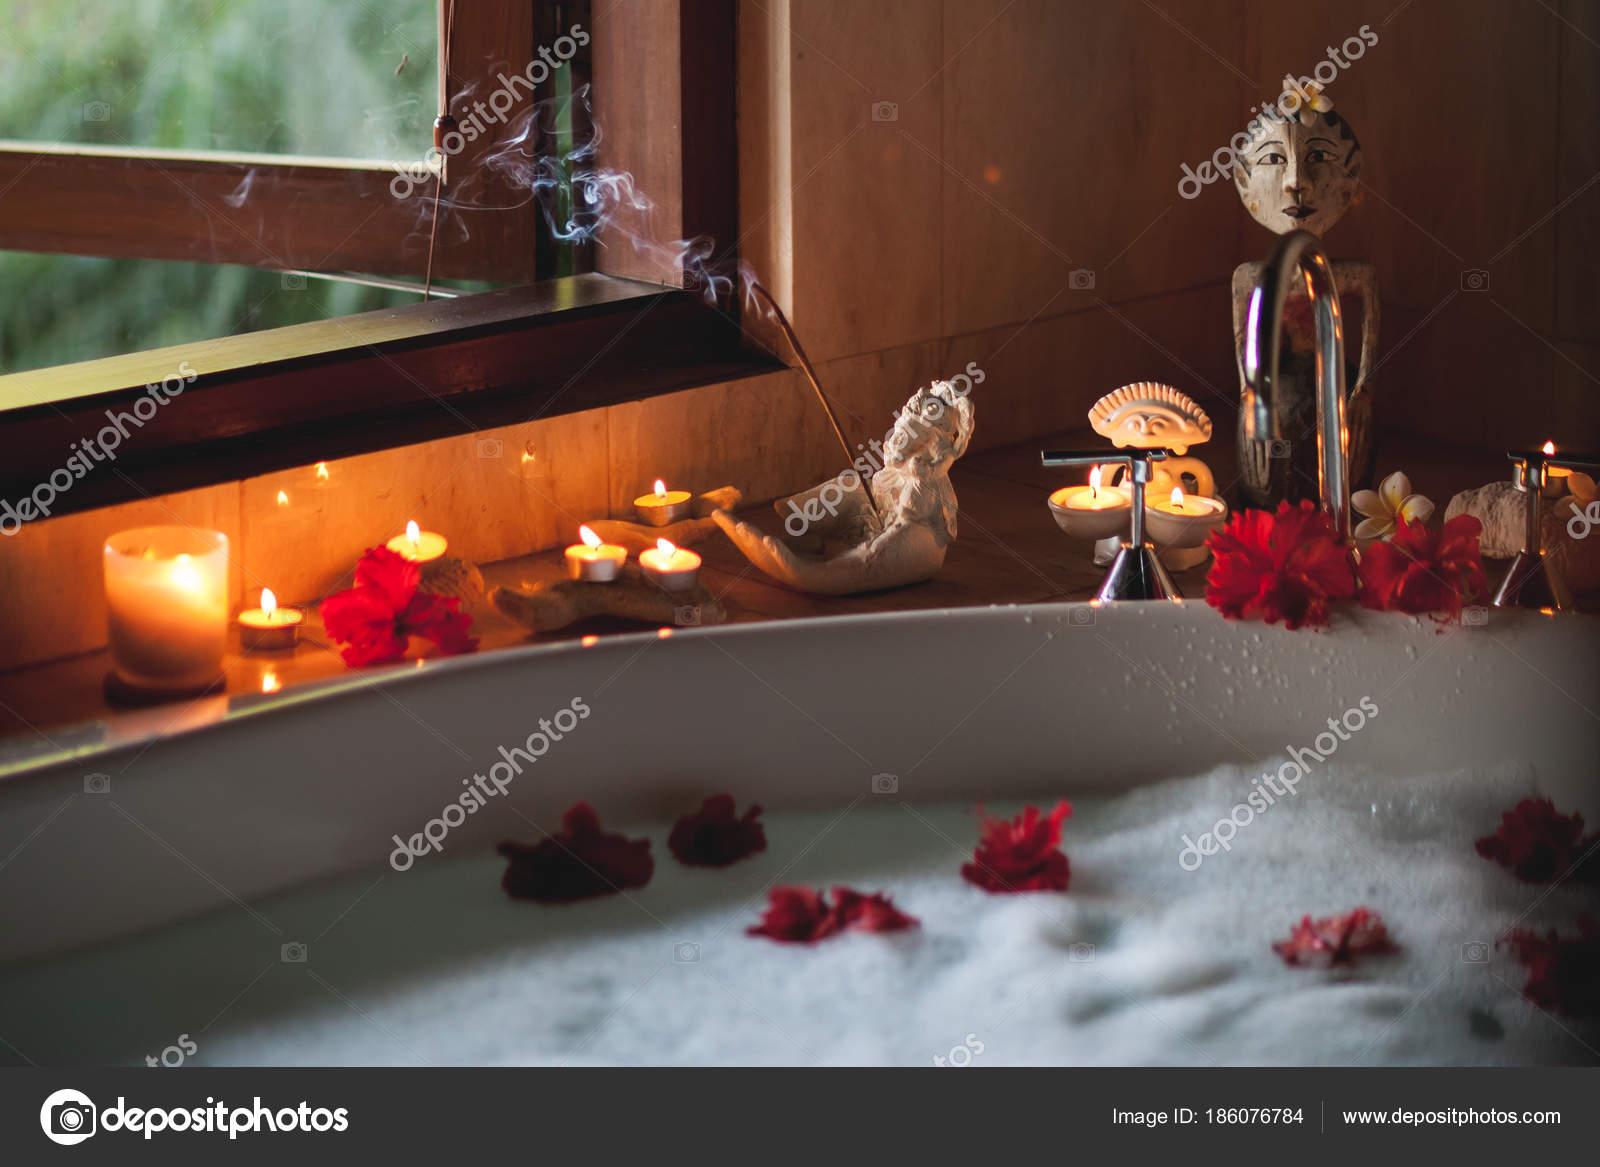 Vasca Da Bagno Romantica Con Candele : Idee per san valentino consigli per un bagno romantico idee